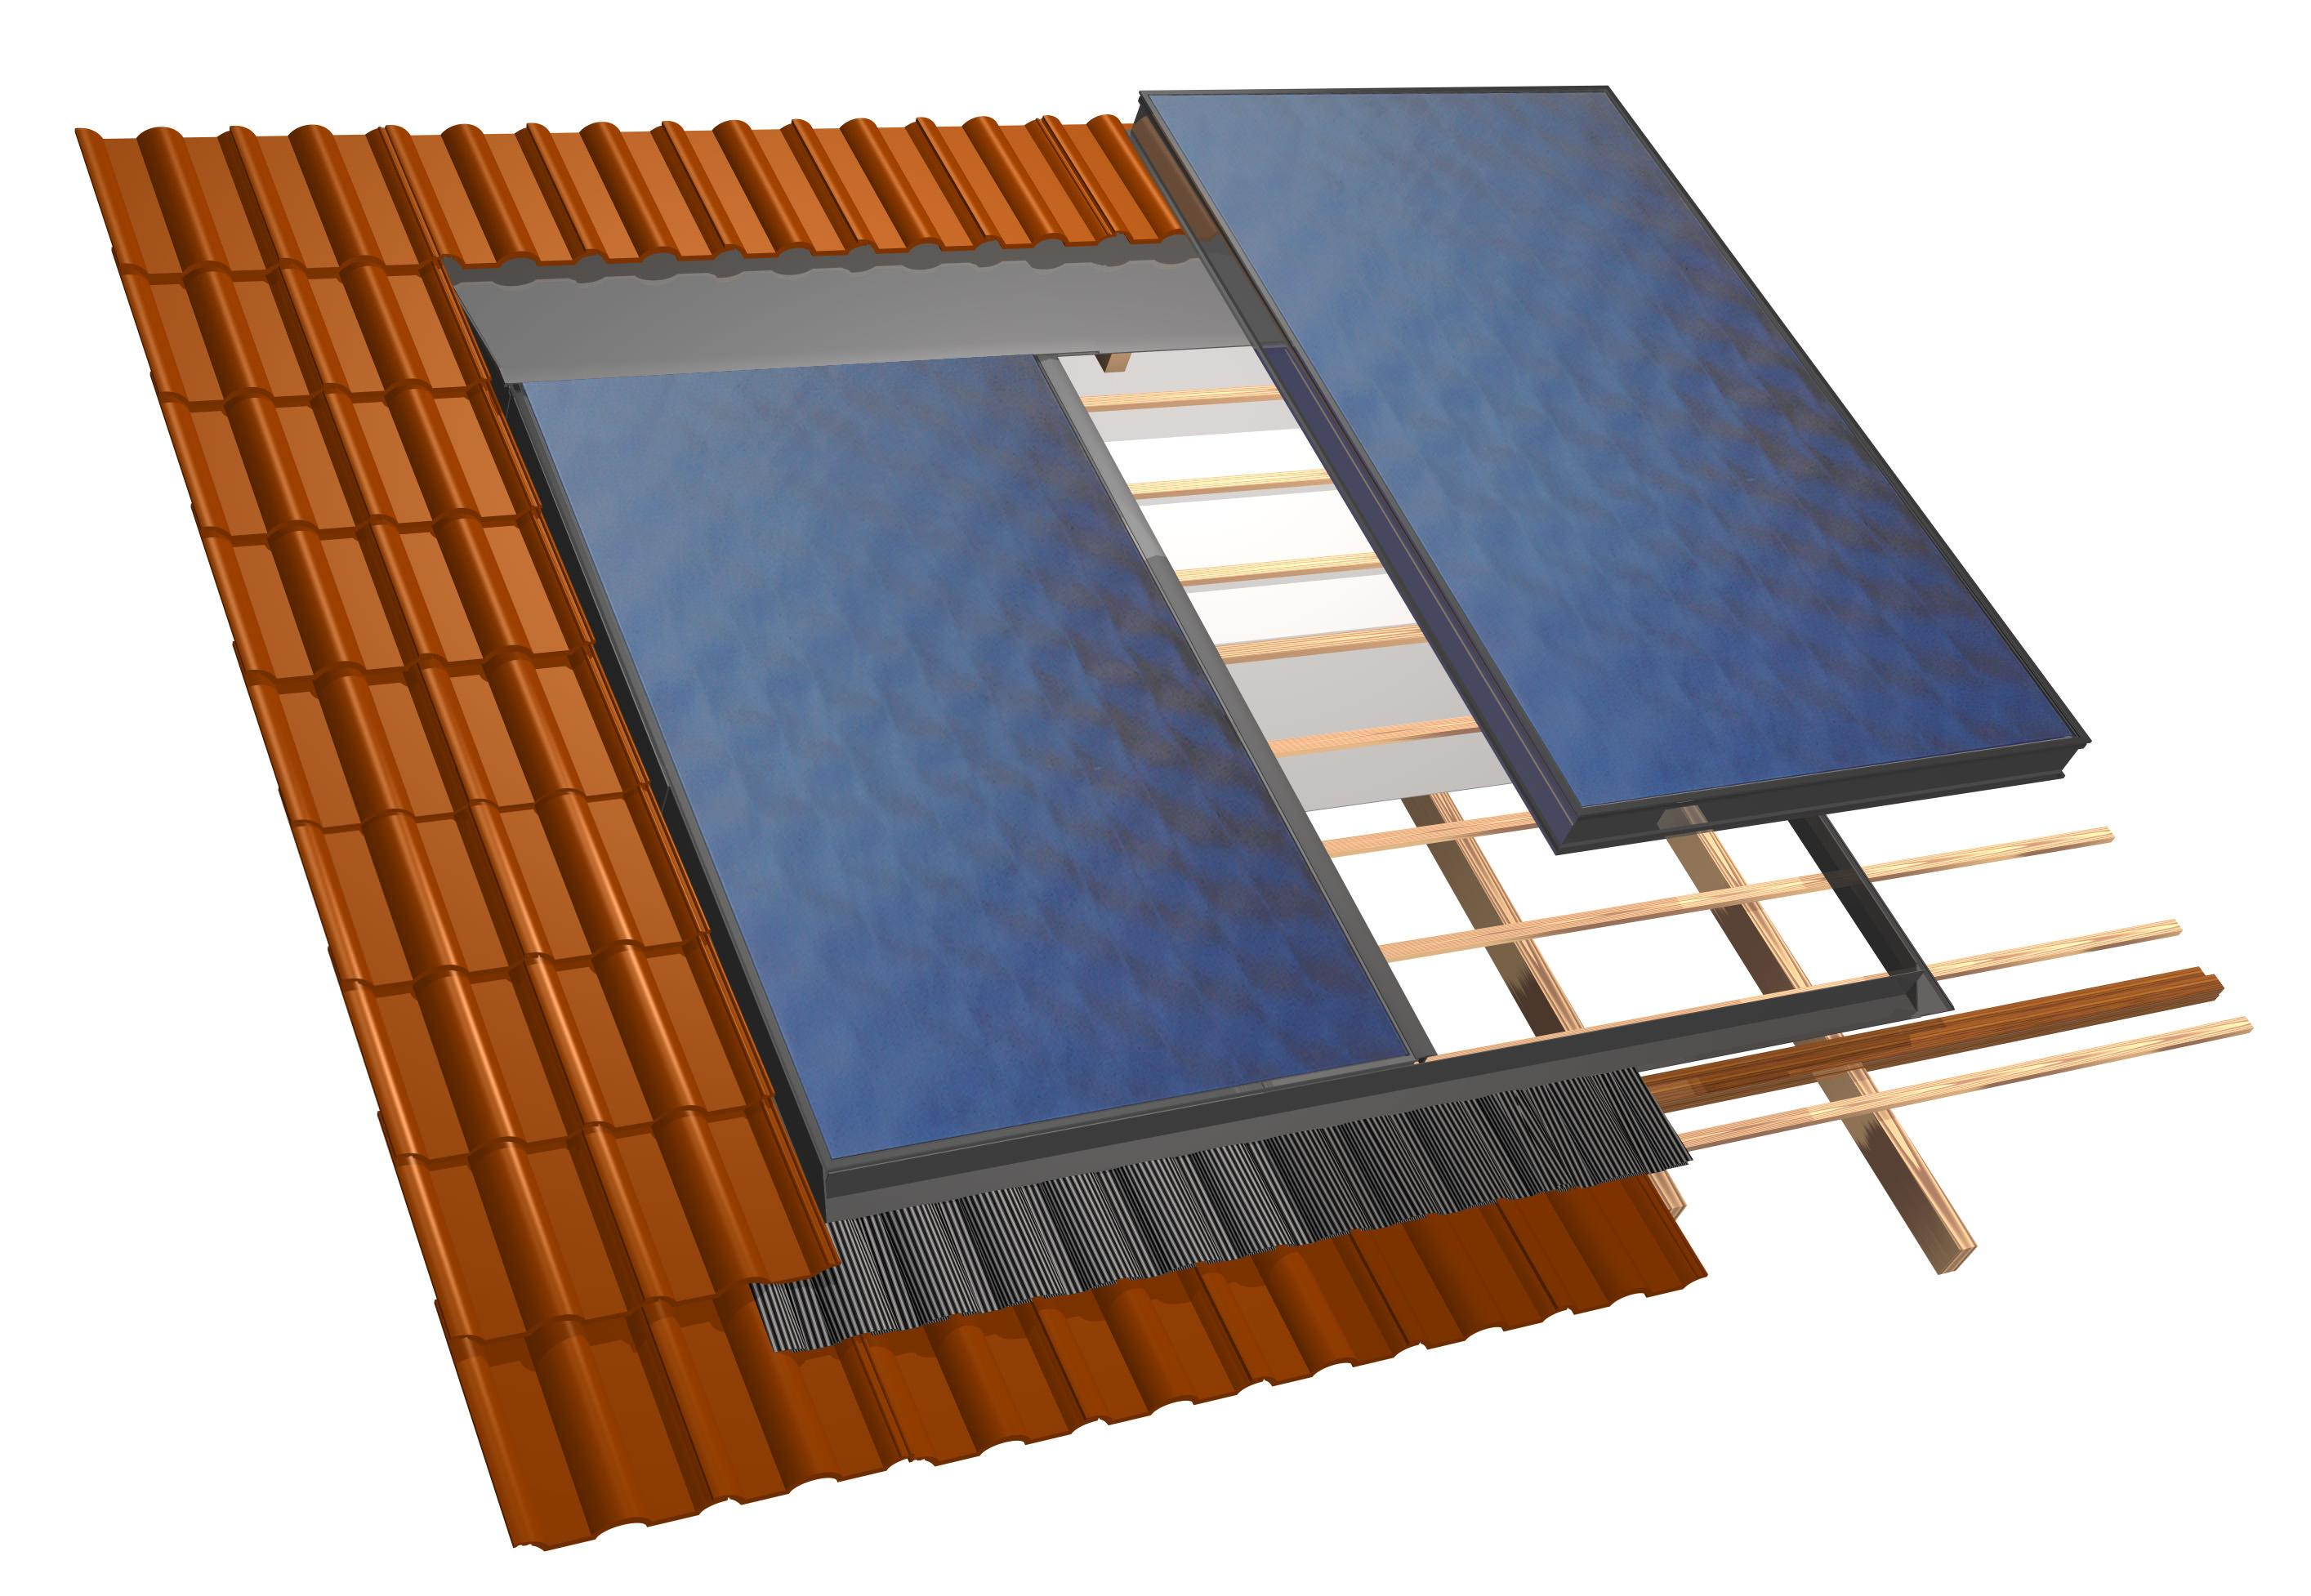 Sistemi di produzione acs e riscaldamento - Sistemi di riscaldamento casa ...